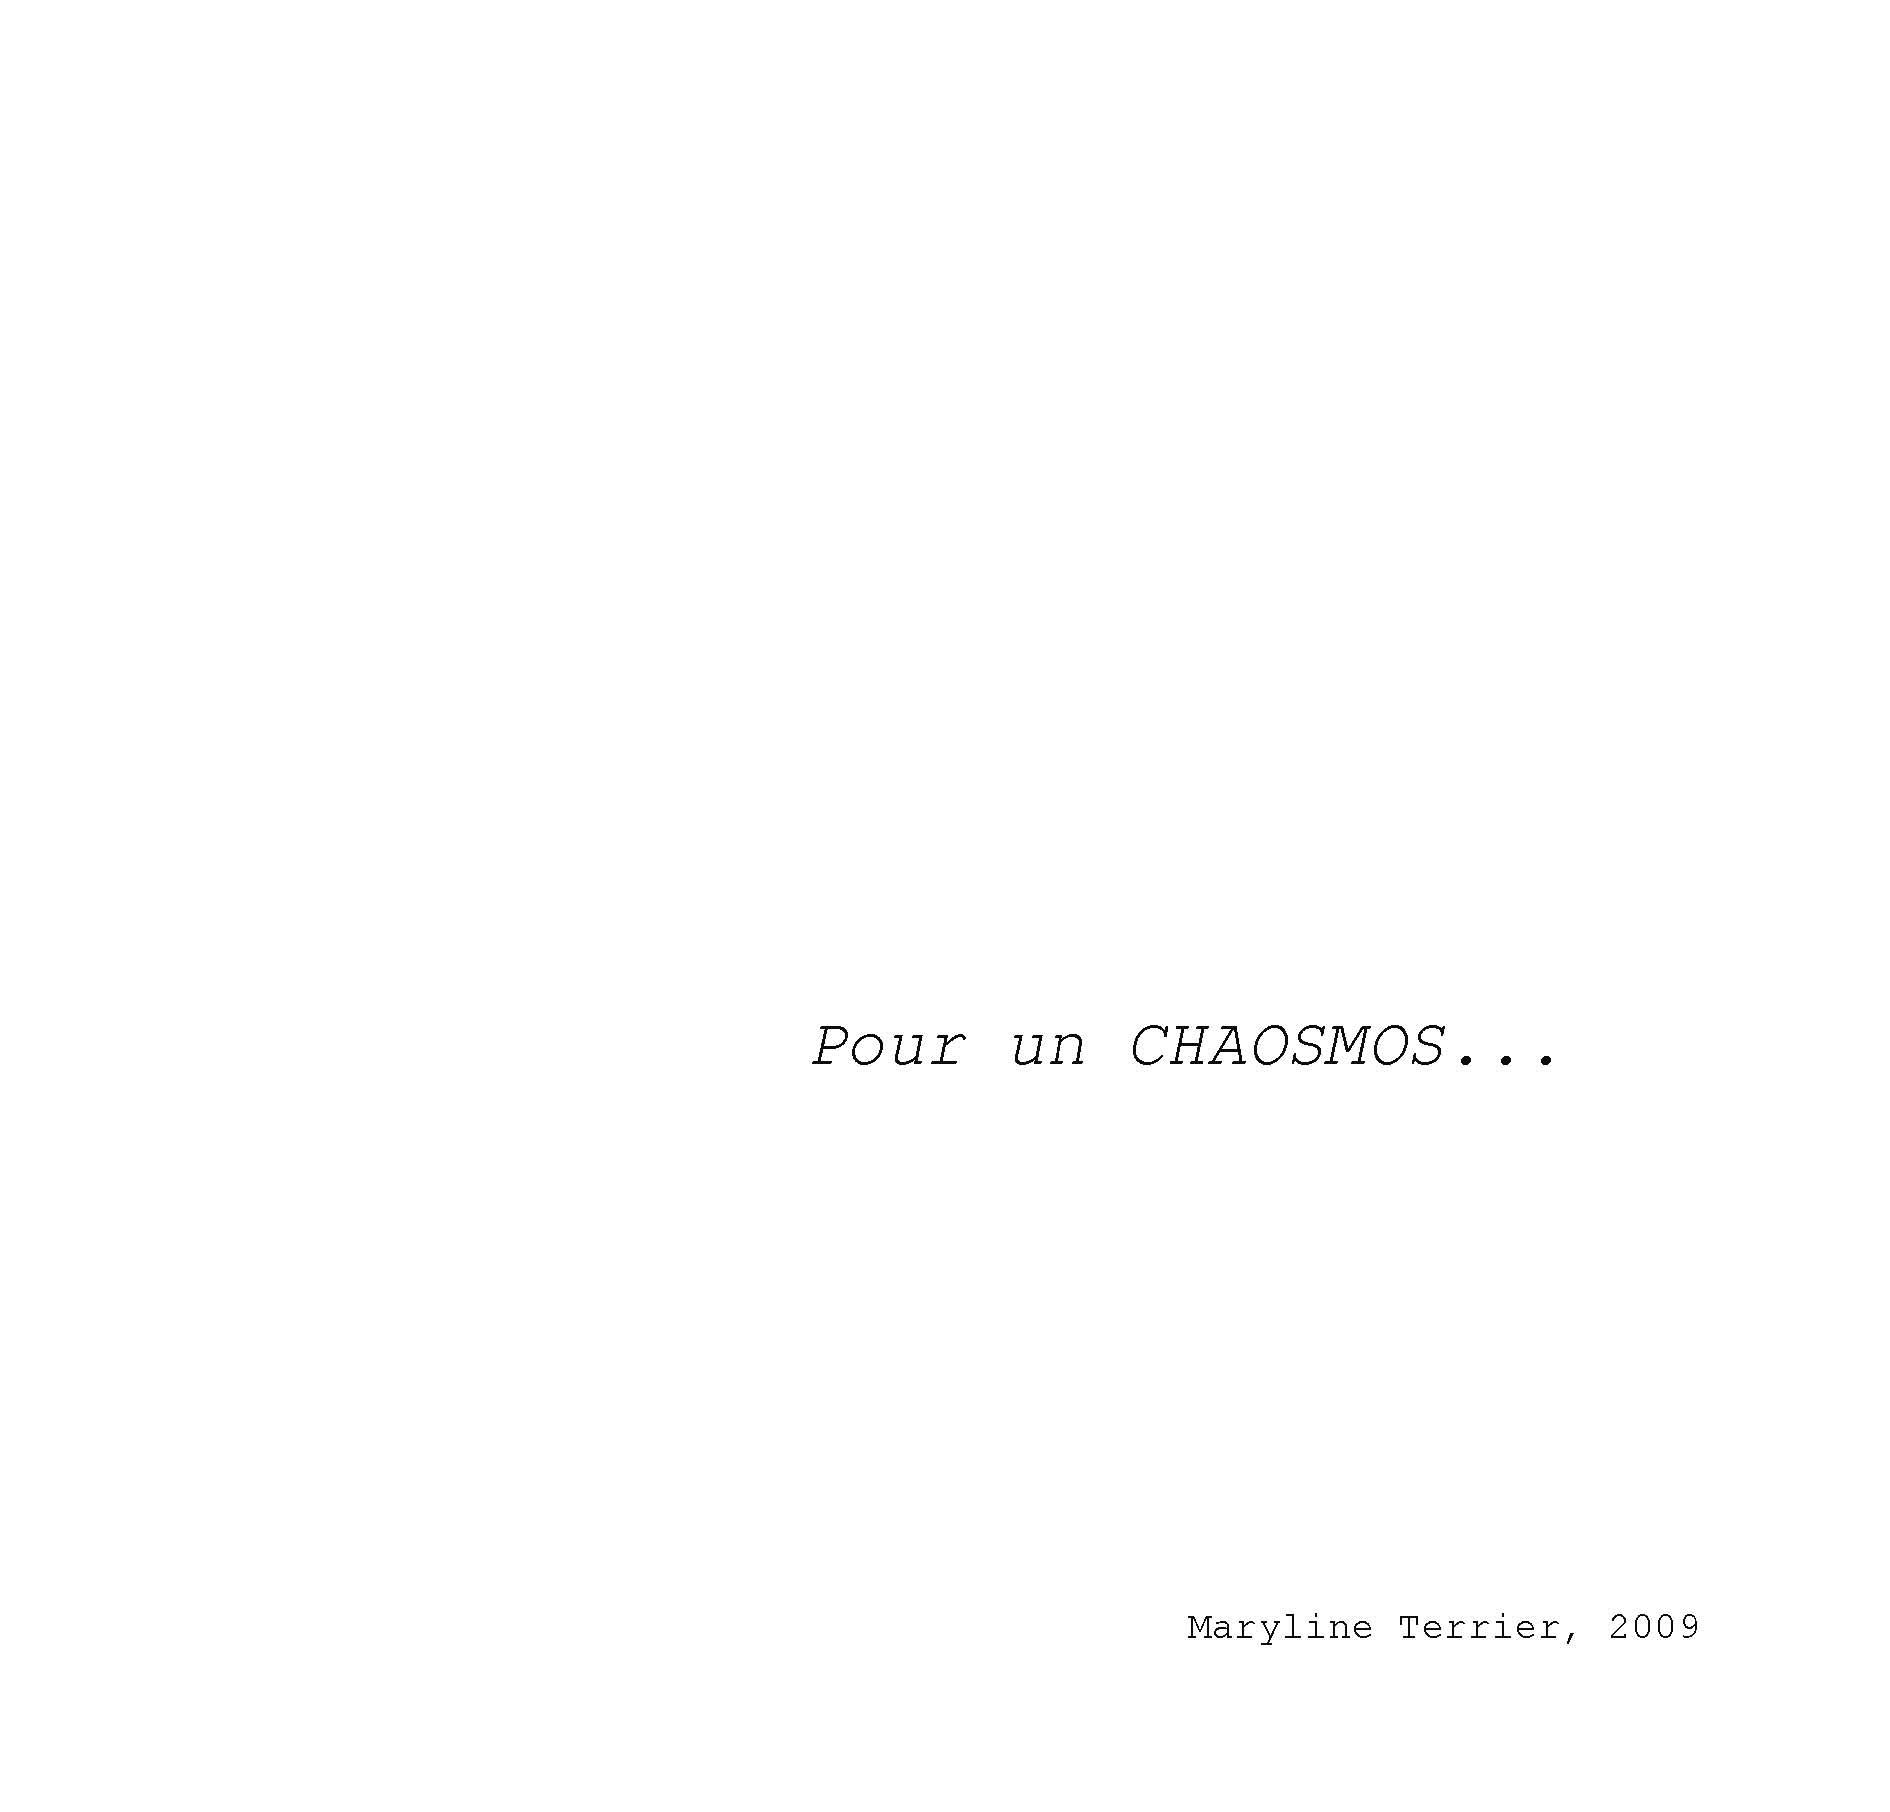 pour un chaosmos2_Page_003